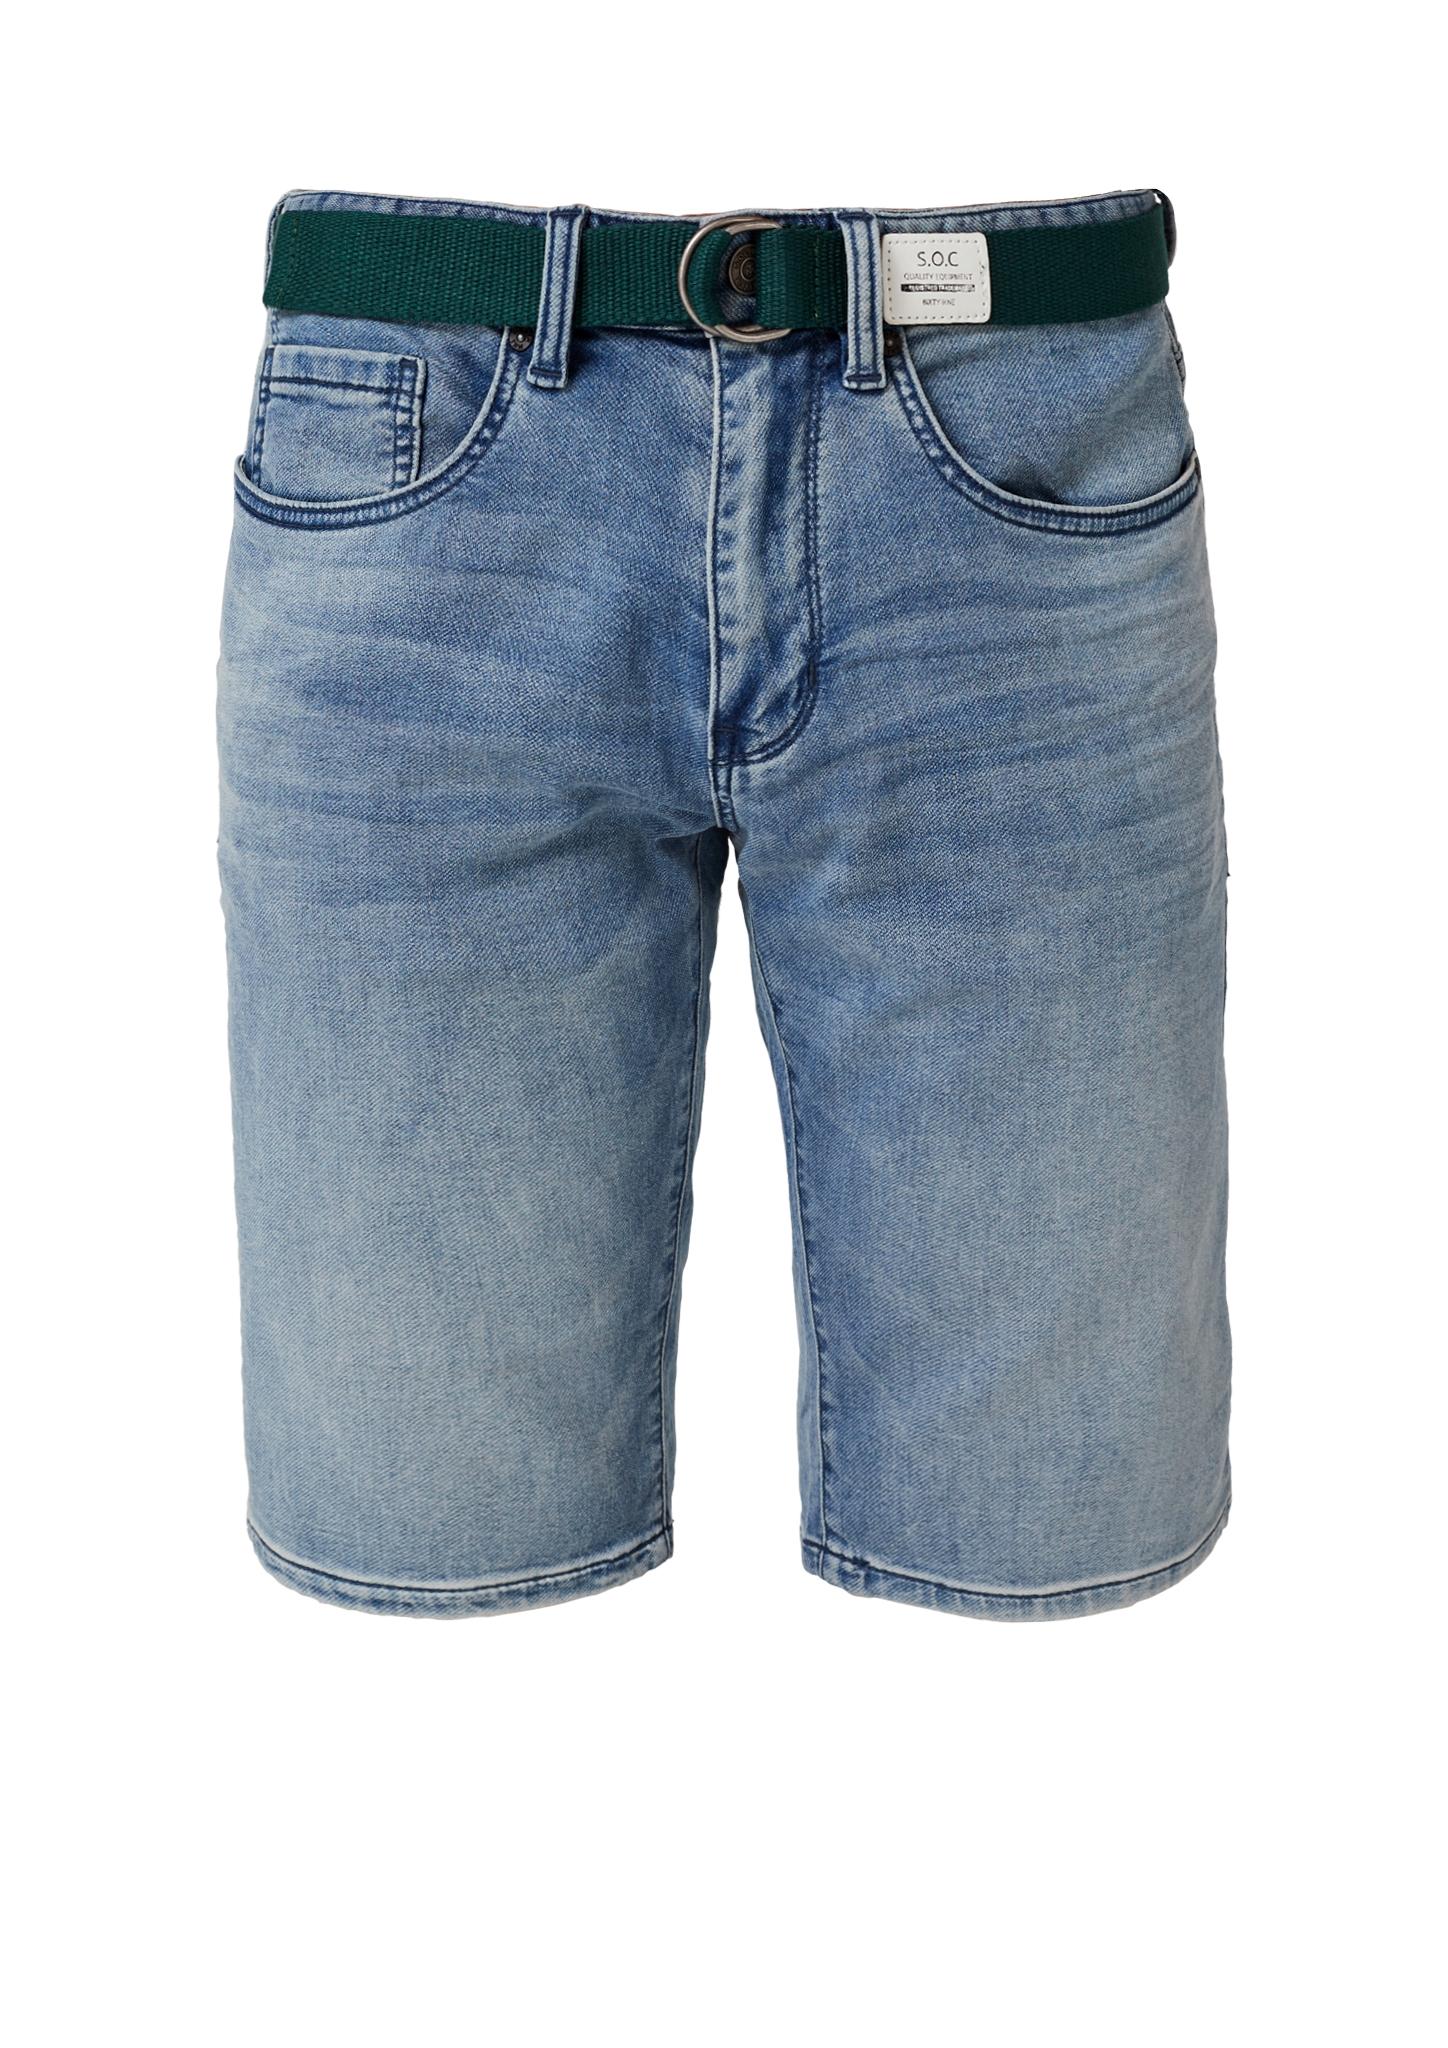 Hose | Bekleidung > Hosen > Sonstige Hosen | Blau | Oberstoff: 89% baumwolle -  10% polyester -  1% elasthan| taschenfutter: 65% polyester -  35% baumwolle | s.Oliver